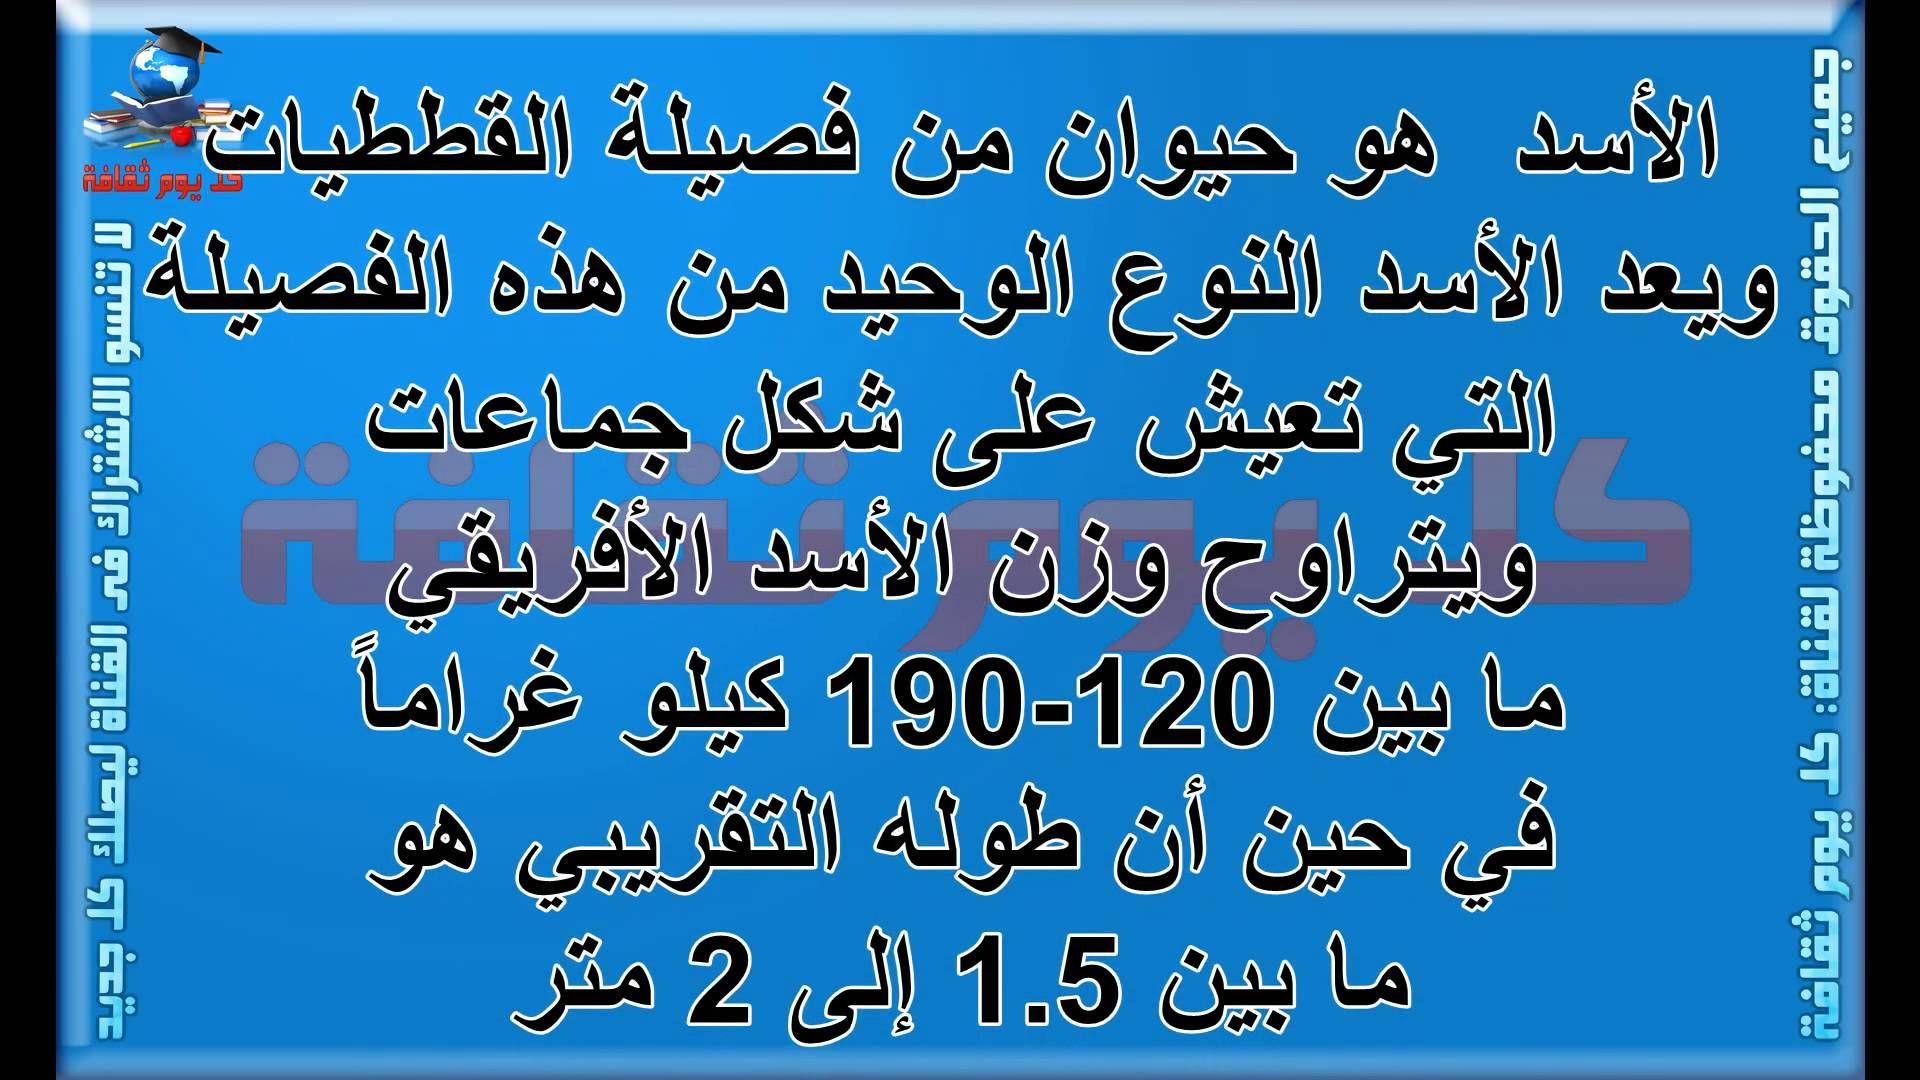 الأسد هل تعلم كم وزن وطول الاسد معلومات عن الحيوانات ثقافة عامة Youtube